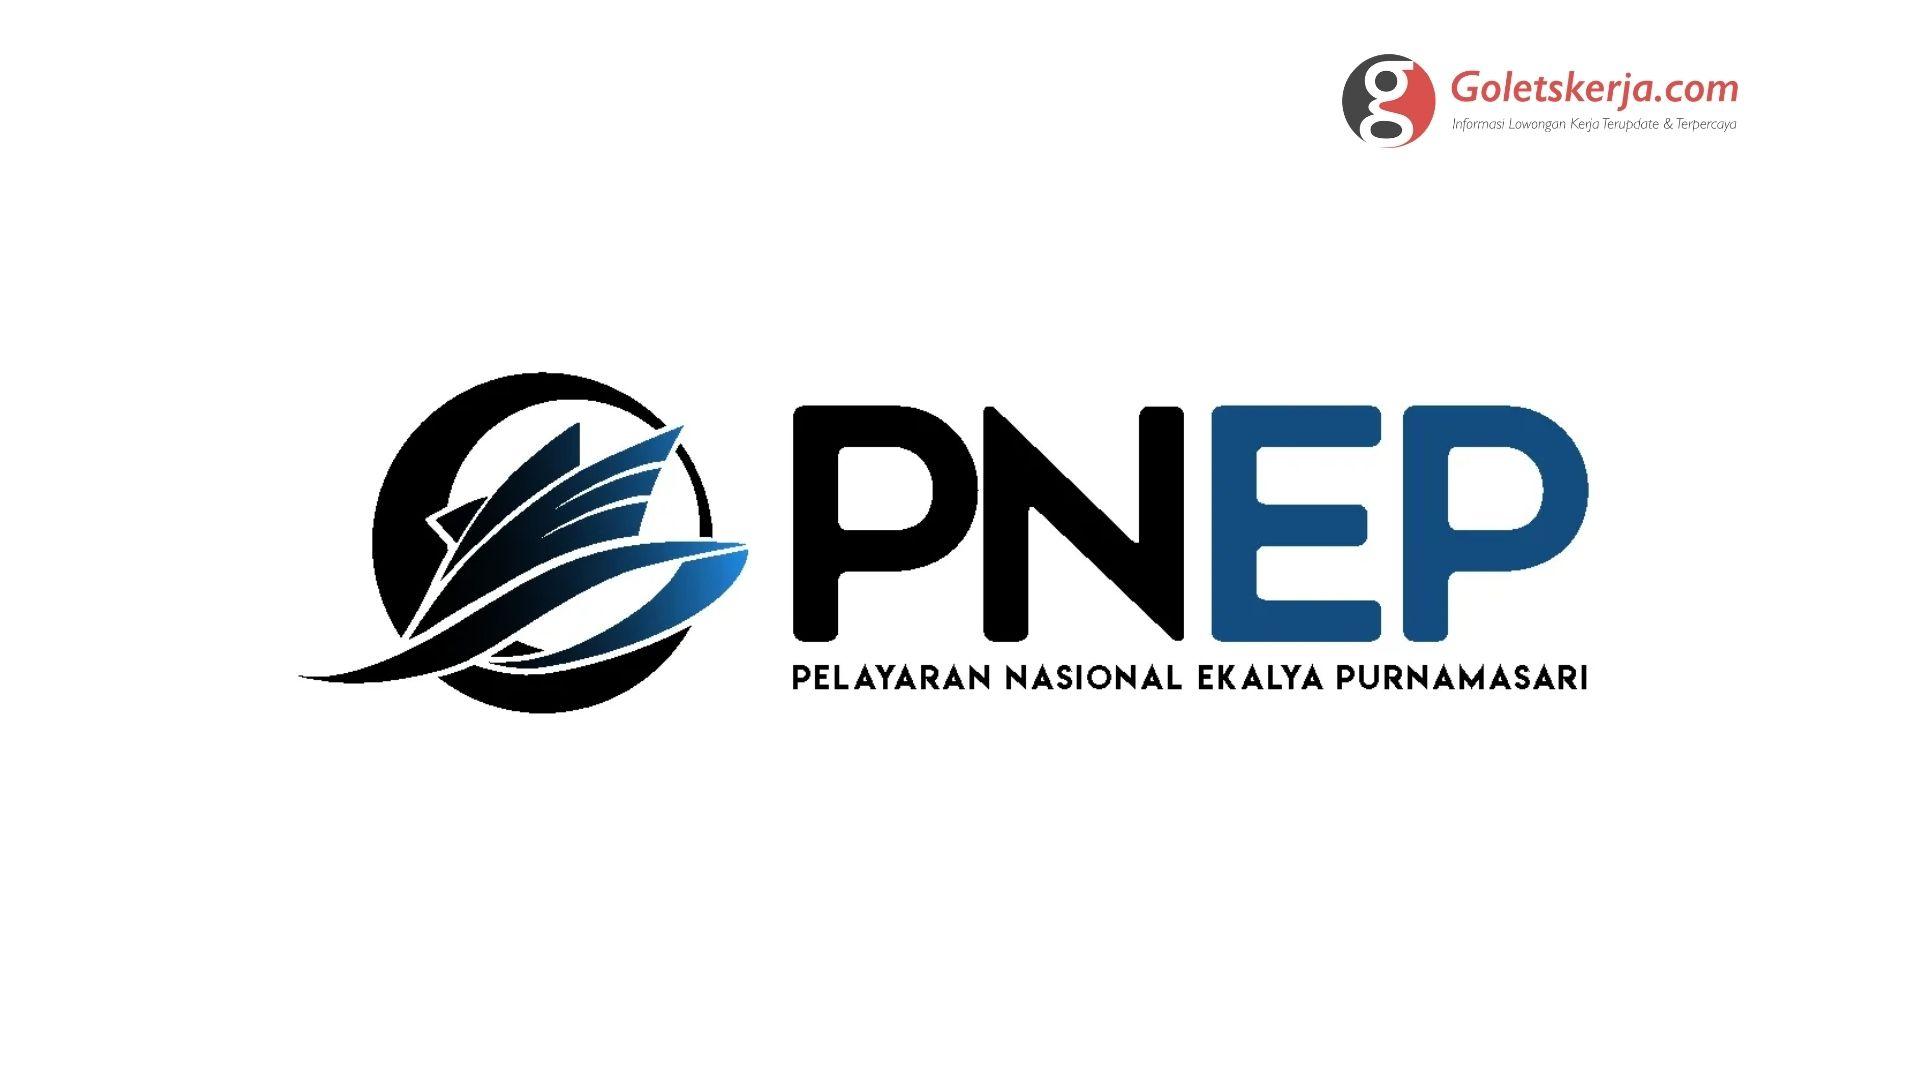 Lowongan Kerja PT Pelayaran Nasional Ekalya Purnamasari (PNEP)